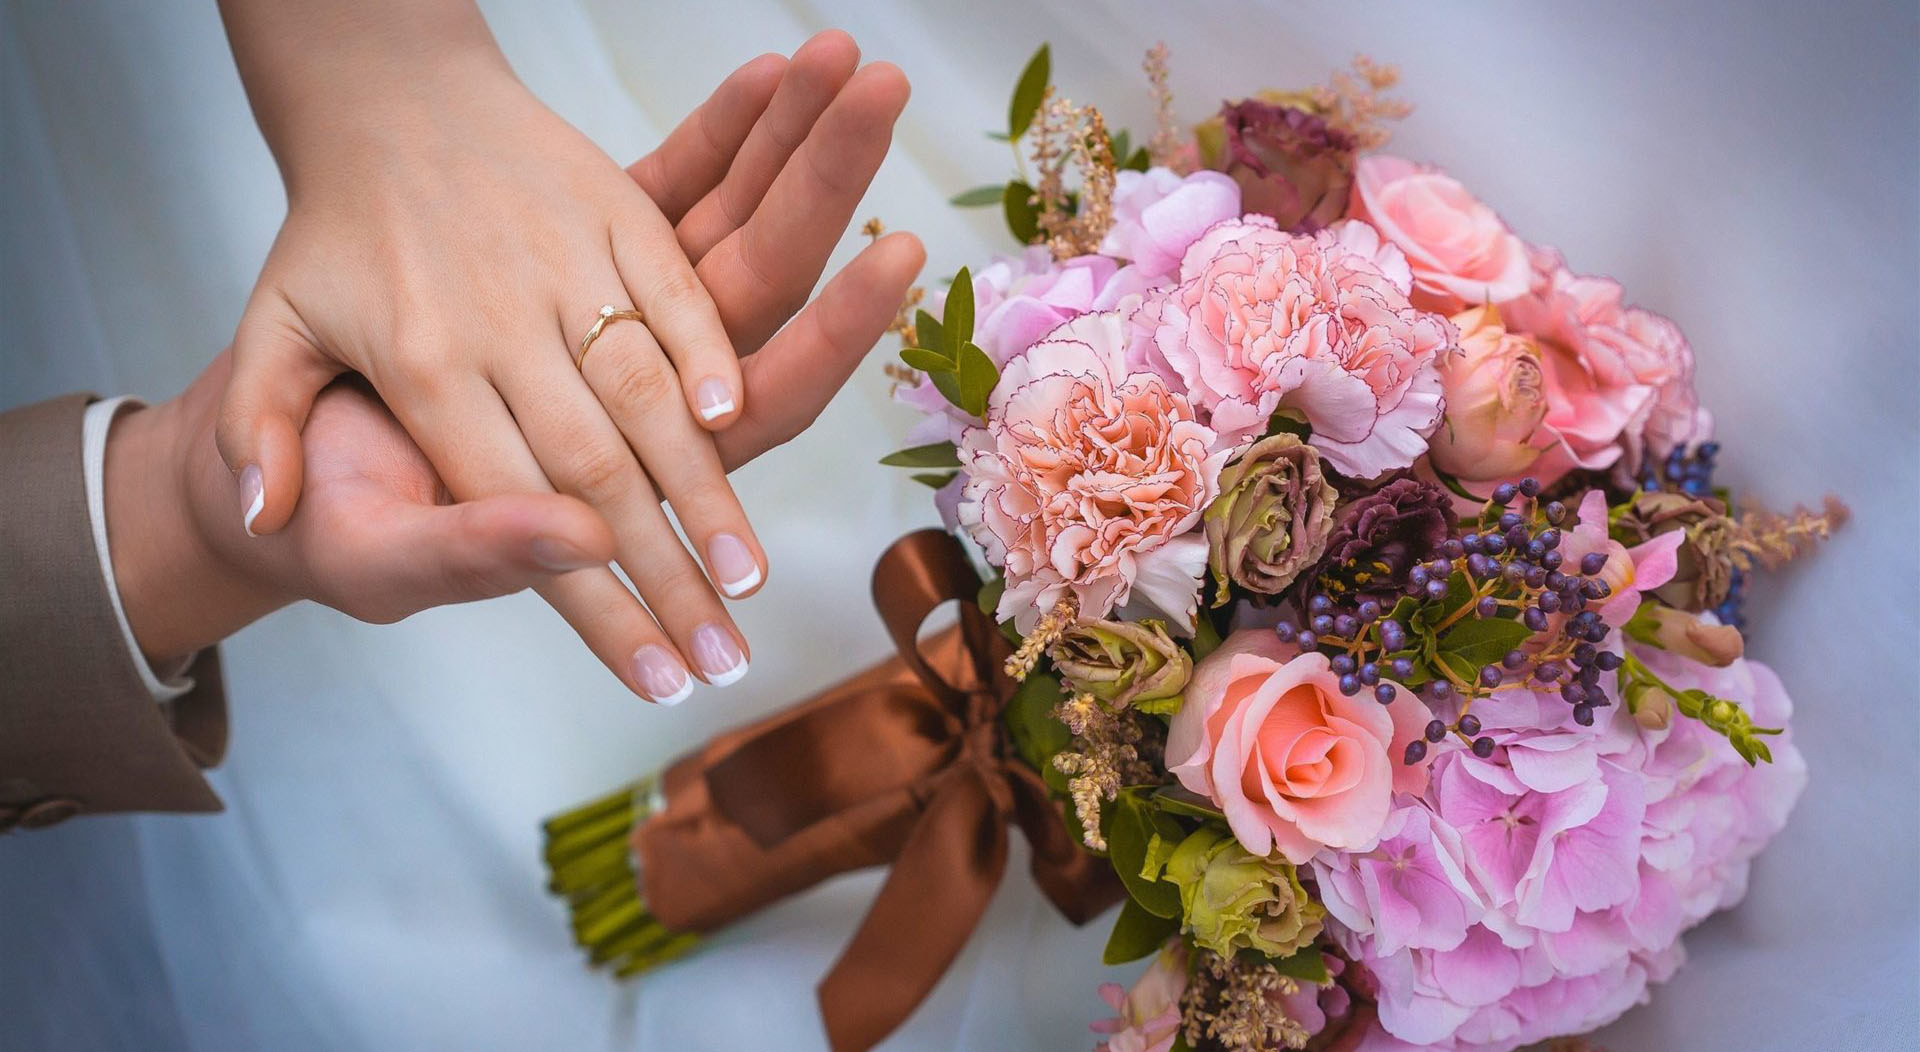 9 лет какая годовщина свадьбы что дарить